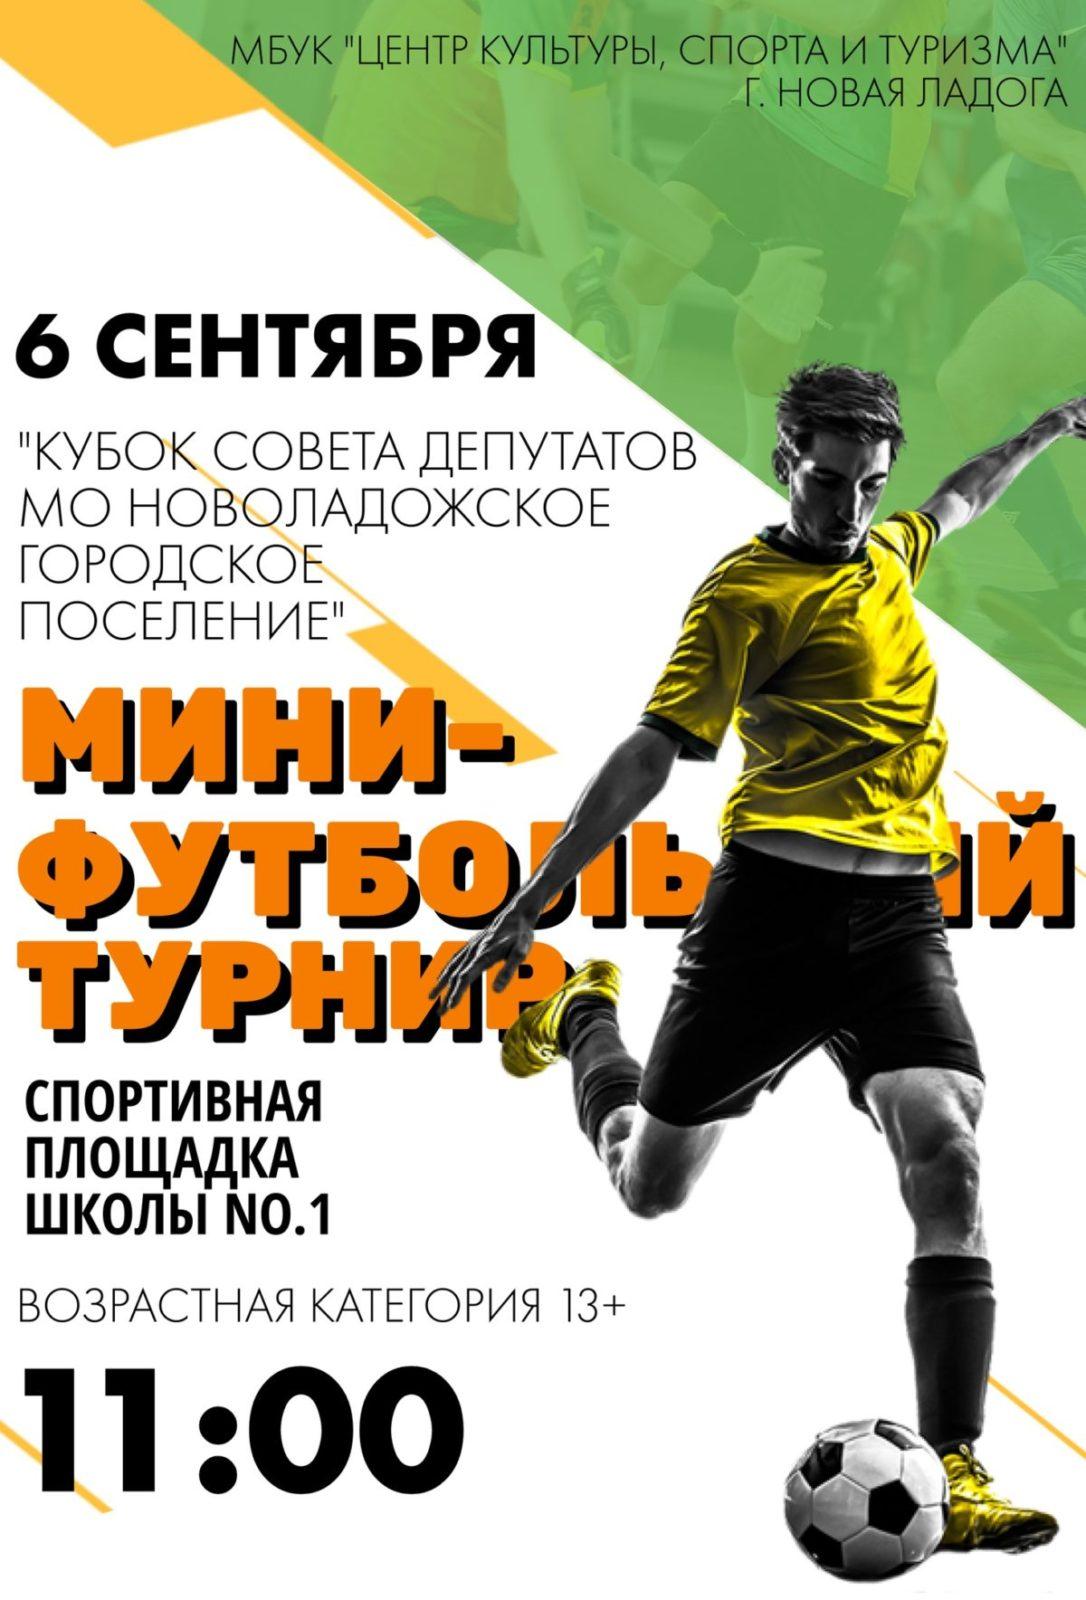 Мини-футбольный турнир.